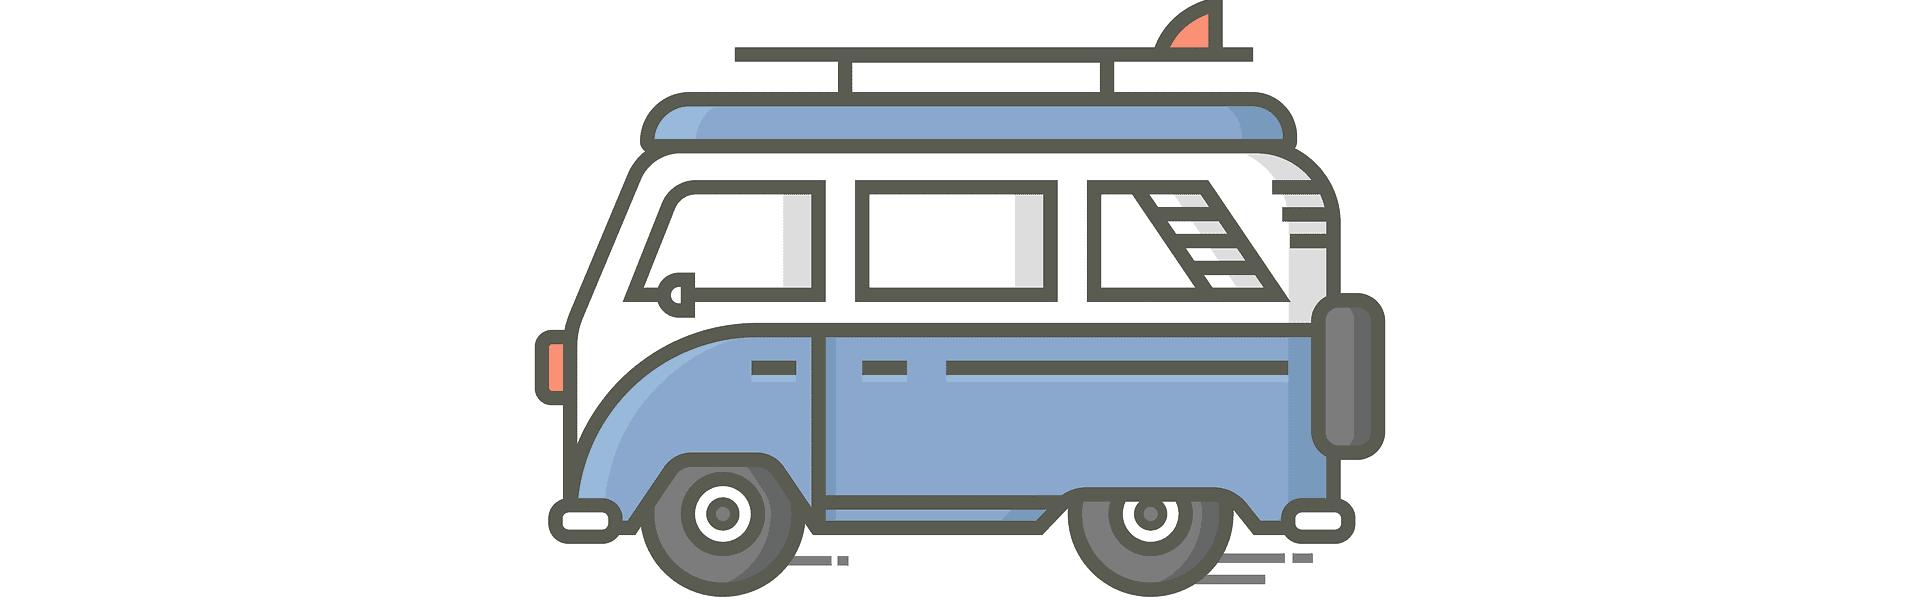 Busfaktor